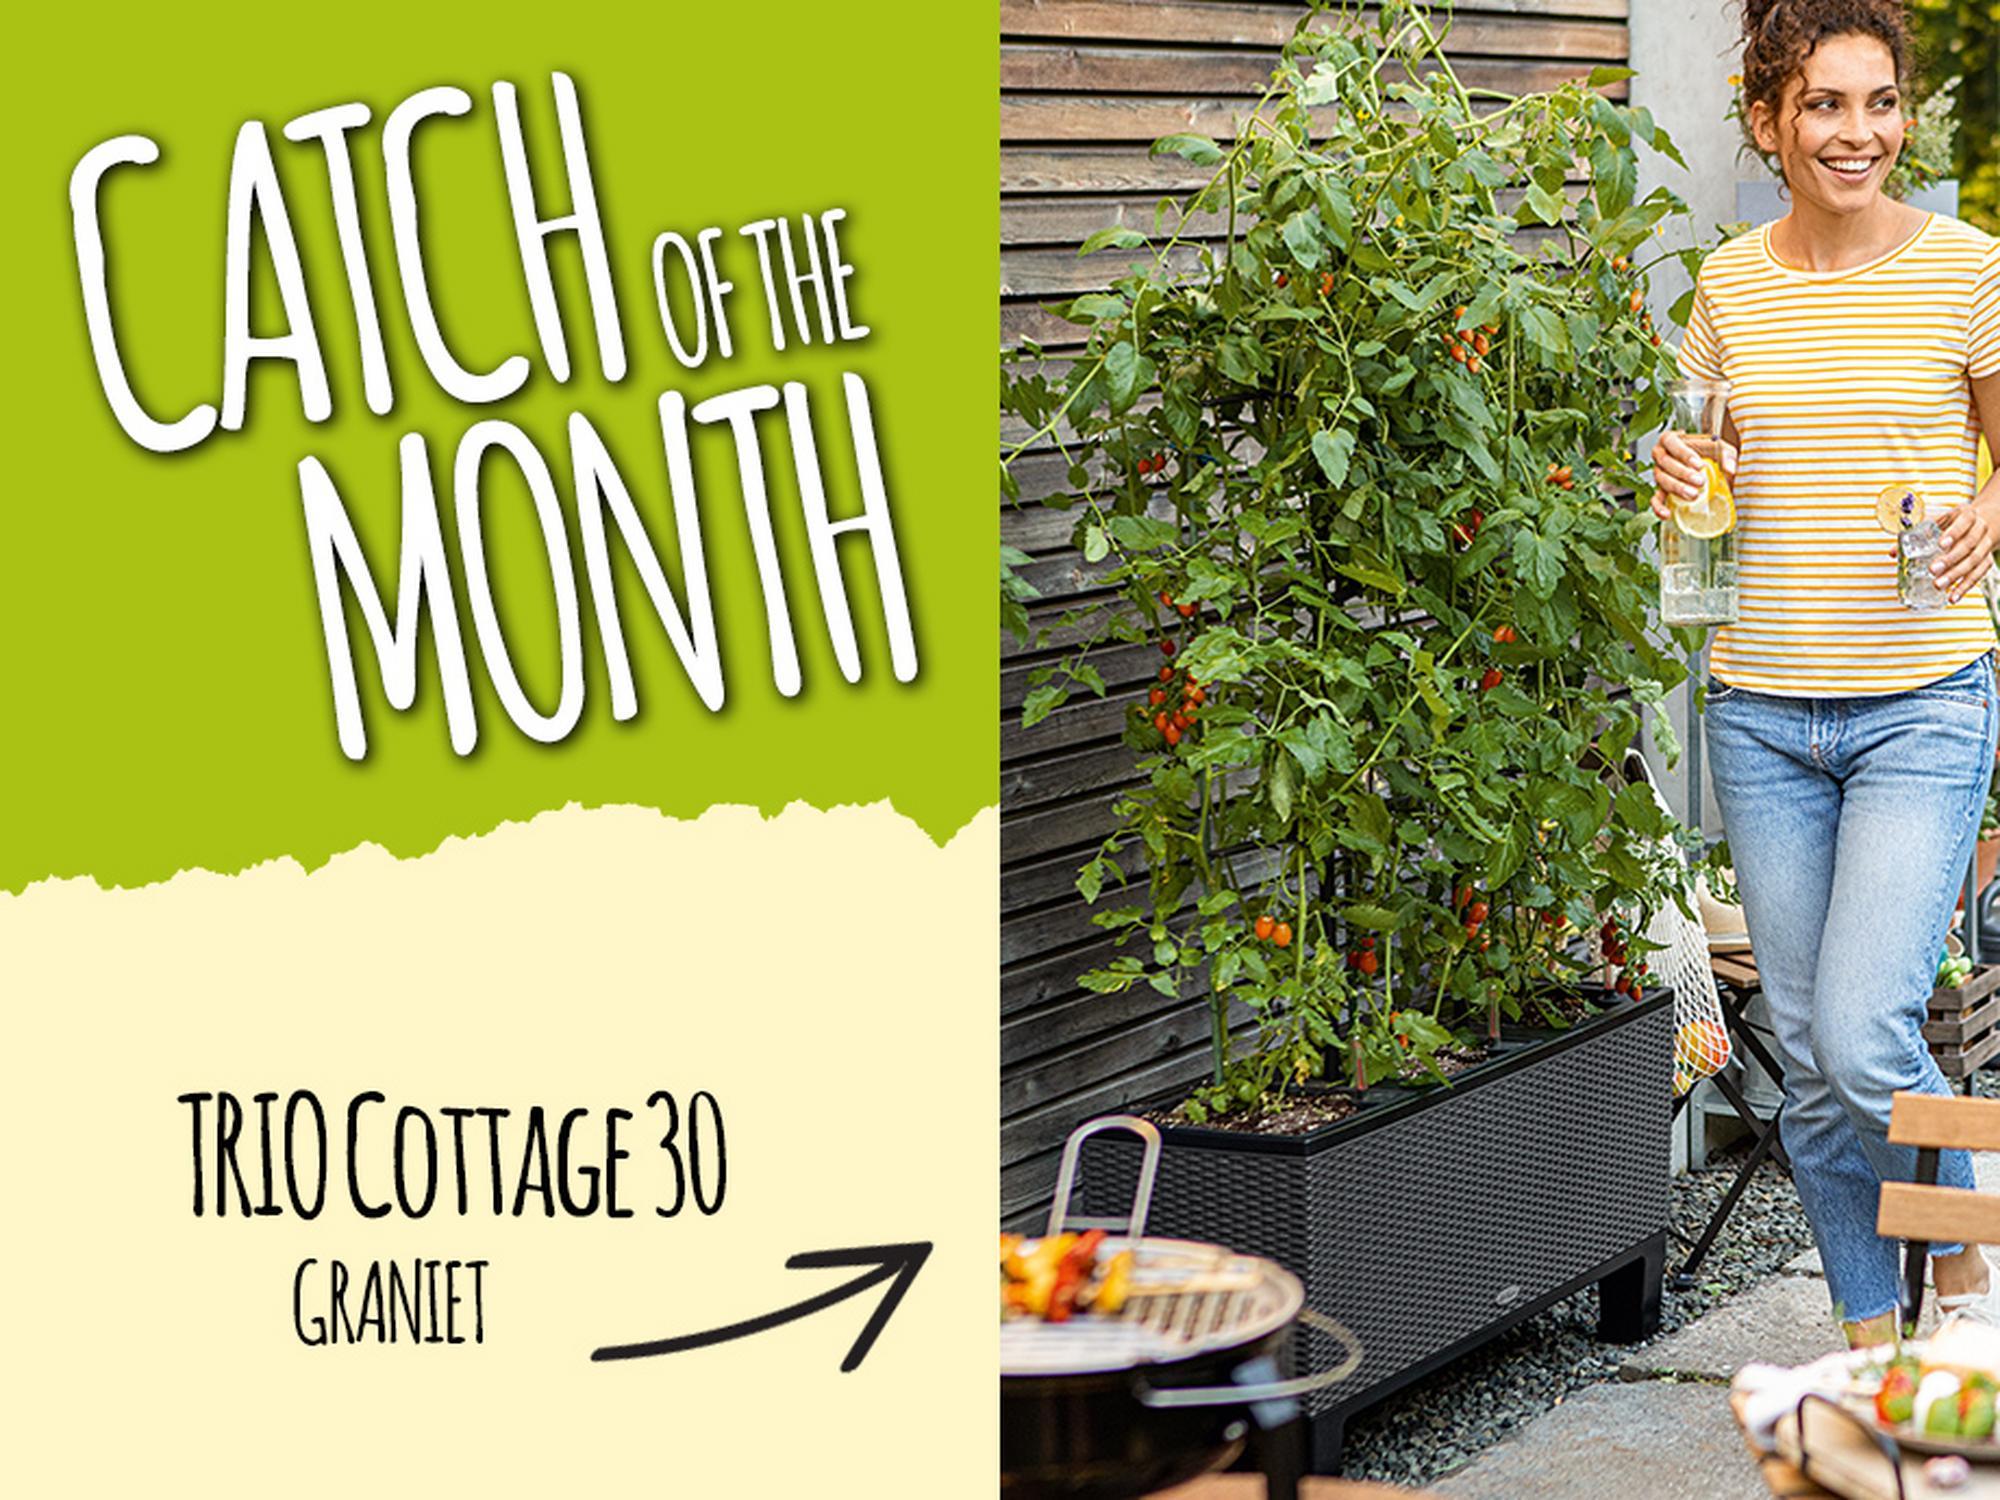 Catch of the Month: 15% korting op de TRIO Cottage 30 graniet